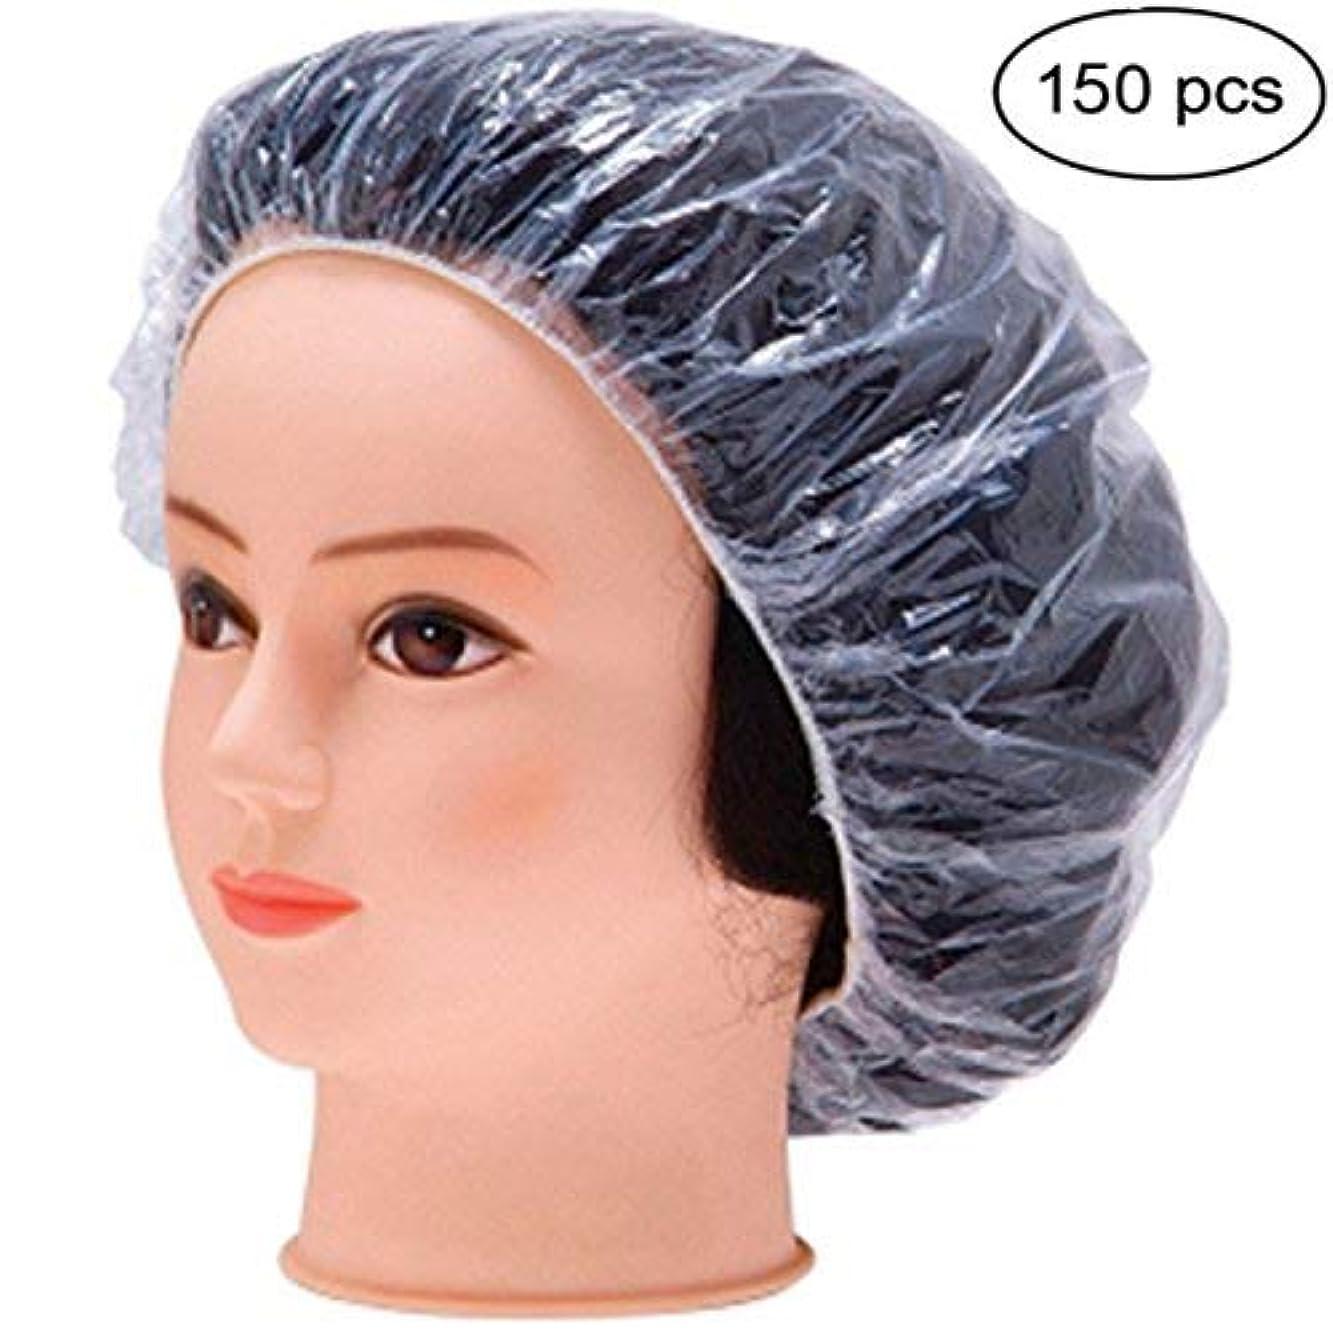 酔うハム続編使い捨て シャワーキャップ 150枚入り プロワーク ヘアキャップ 防水透明プラスチック製シャワーキャップ 、弾性の水浴帽子、加工帽子、女性の美容帽ダストハットスパ、ヘアサロン、ホームユースホテル等で使用